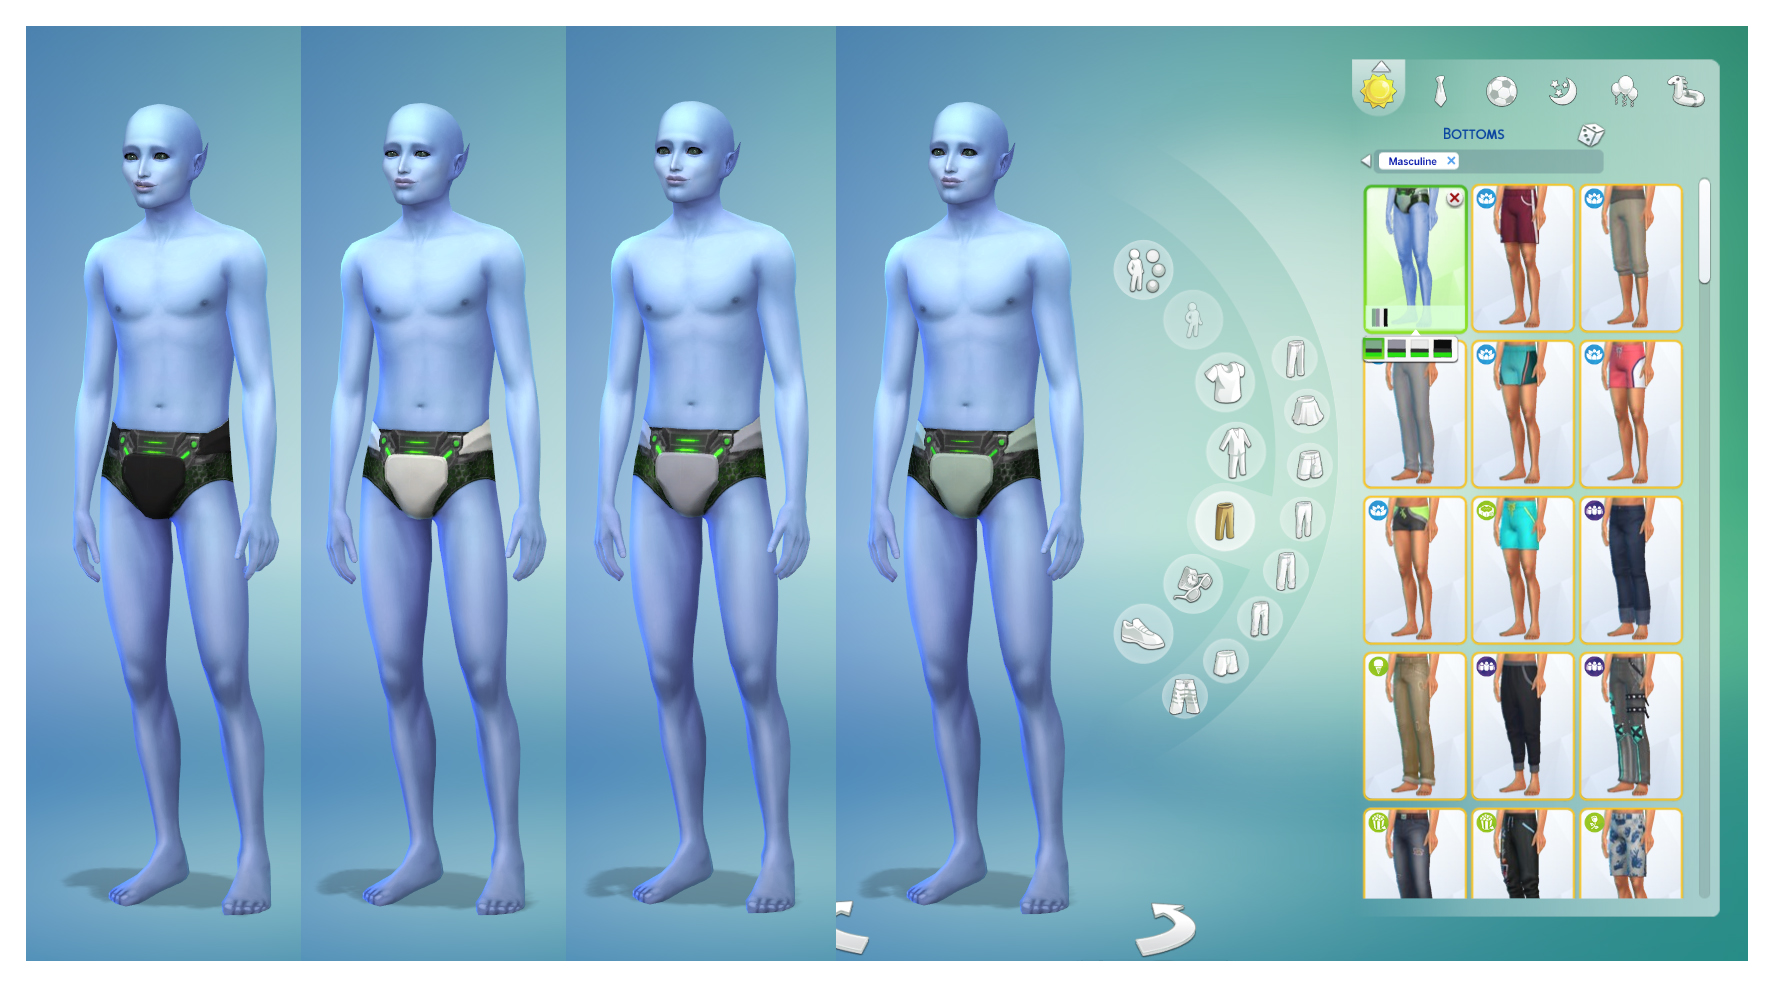 Mod The Sims - Male Alien Swimwear